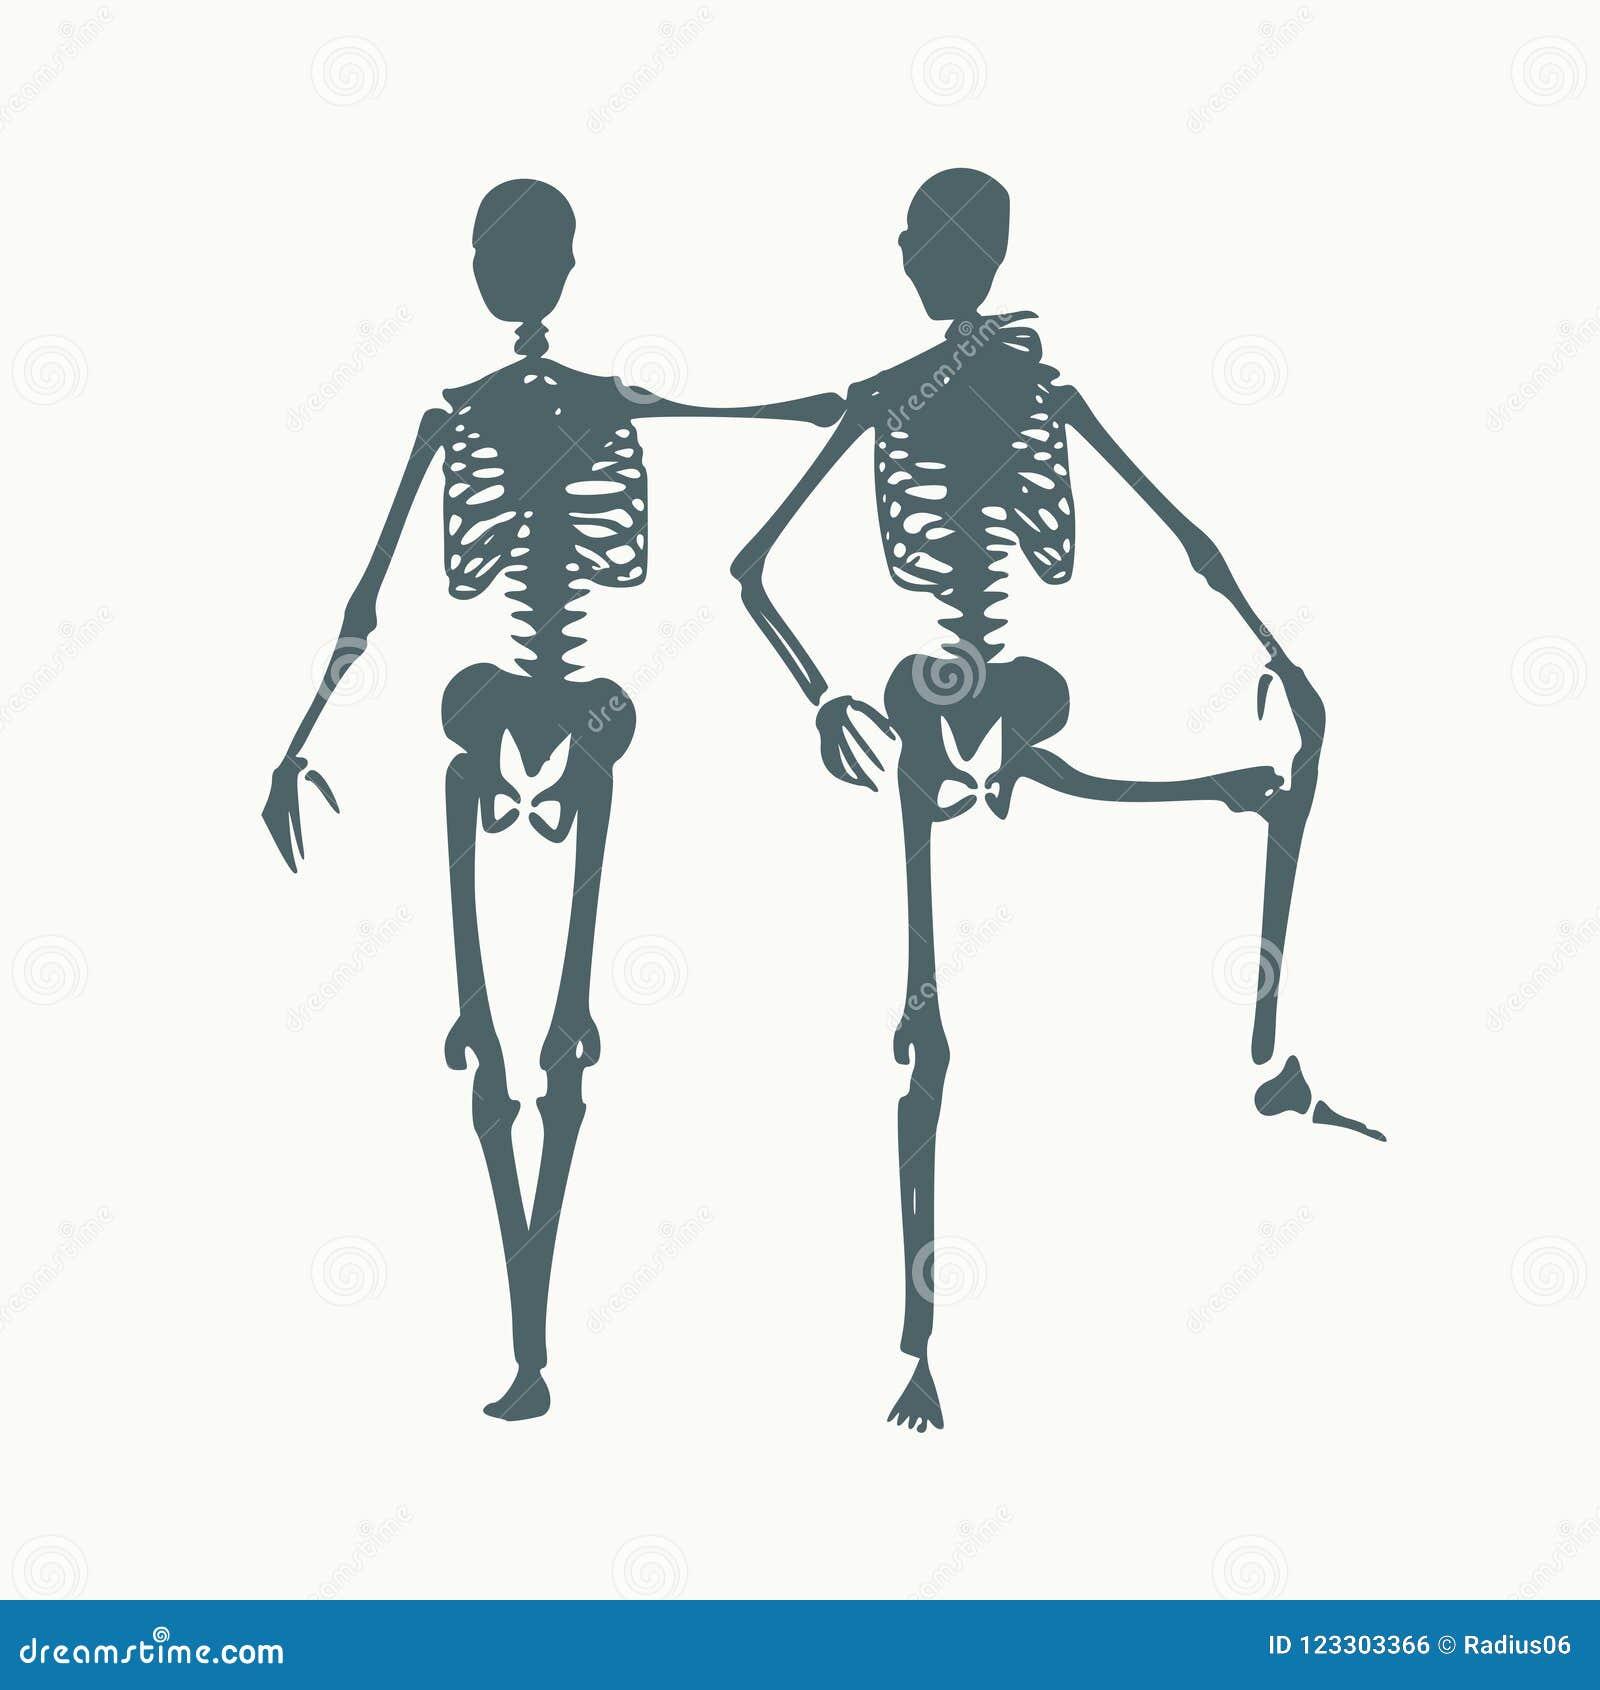 Halloween Human Skeleton Stock Vector Illustration Of Lifestyle